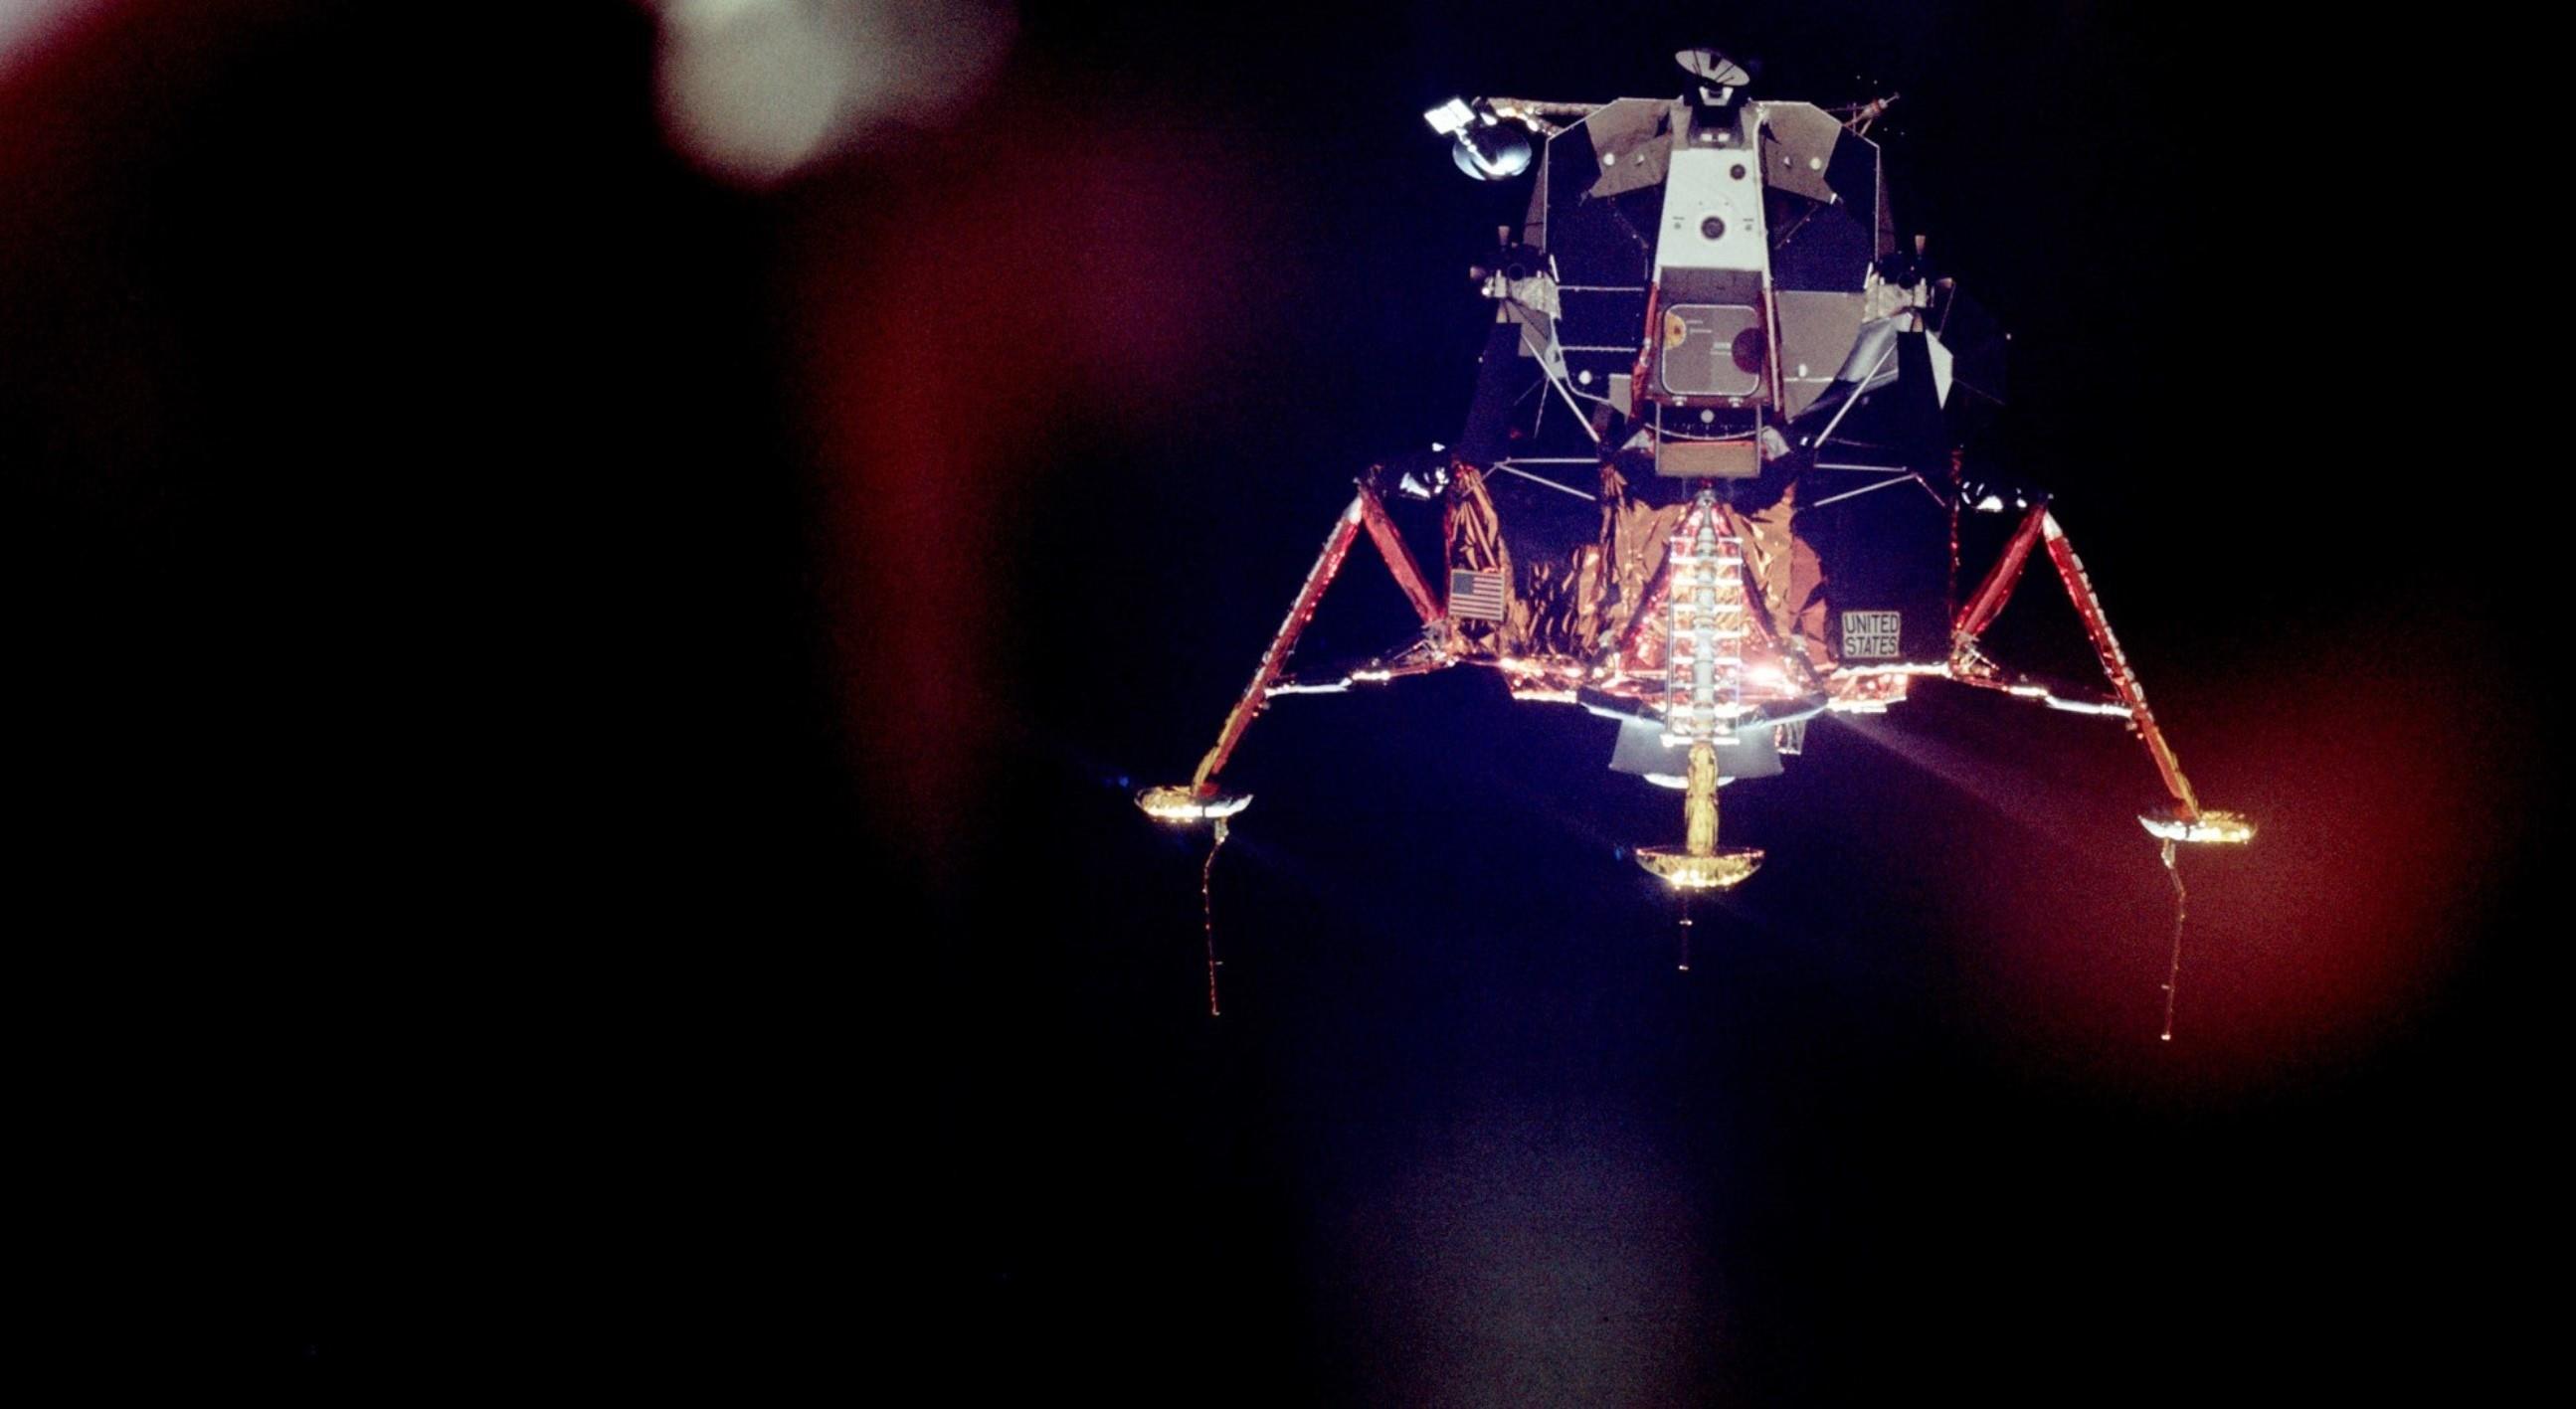 Image: Eagle in lunar orbit